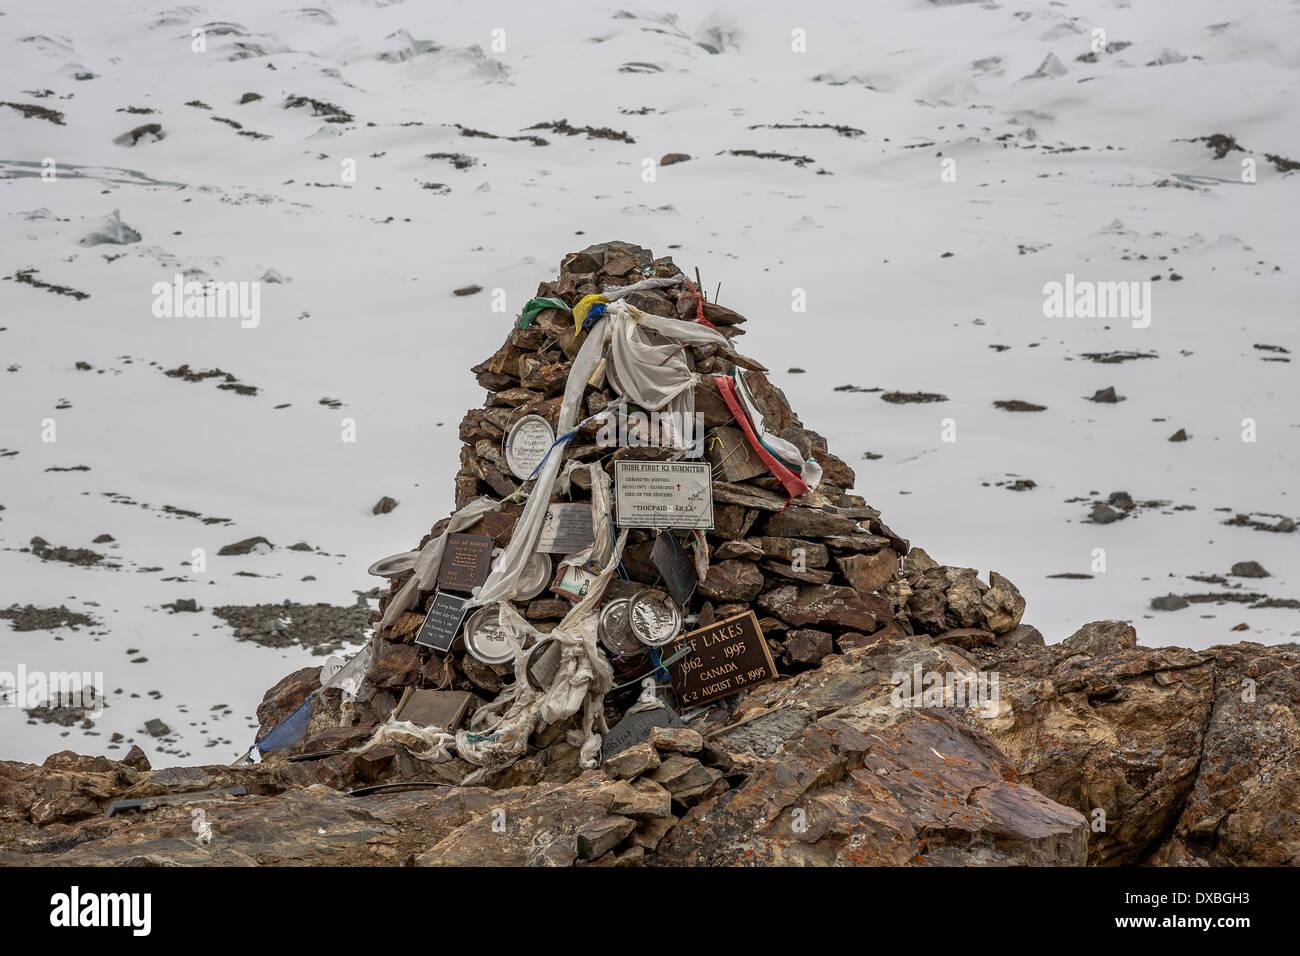 K2 Memorial near K2 Basecamp - Stock Image